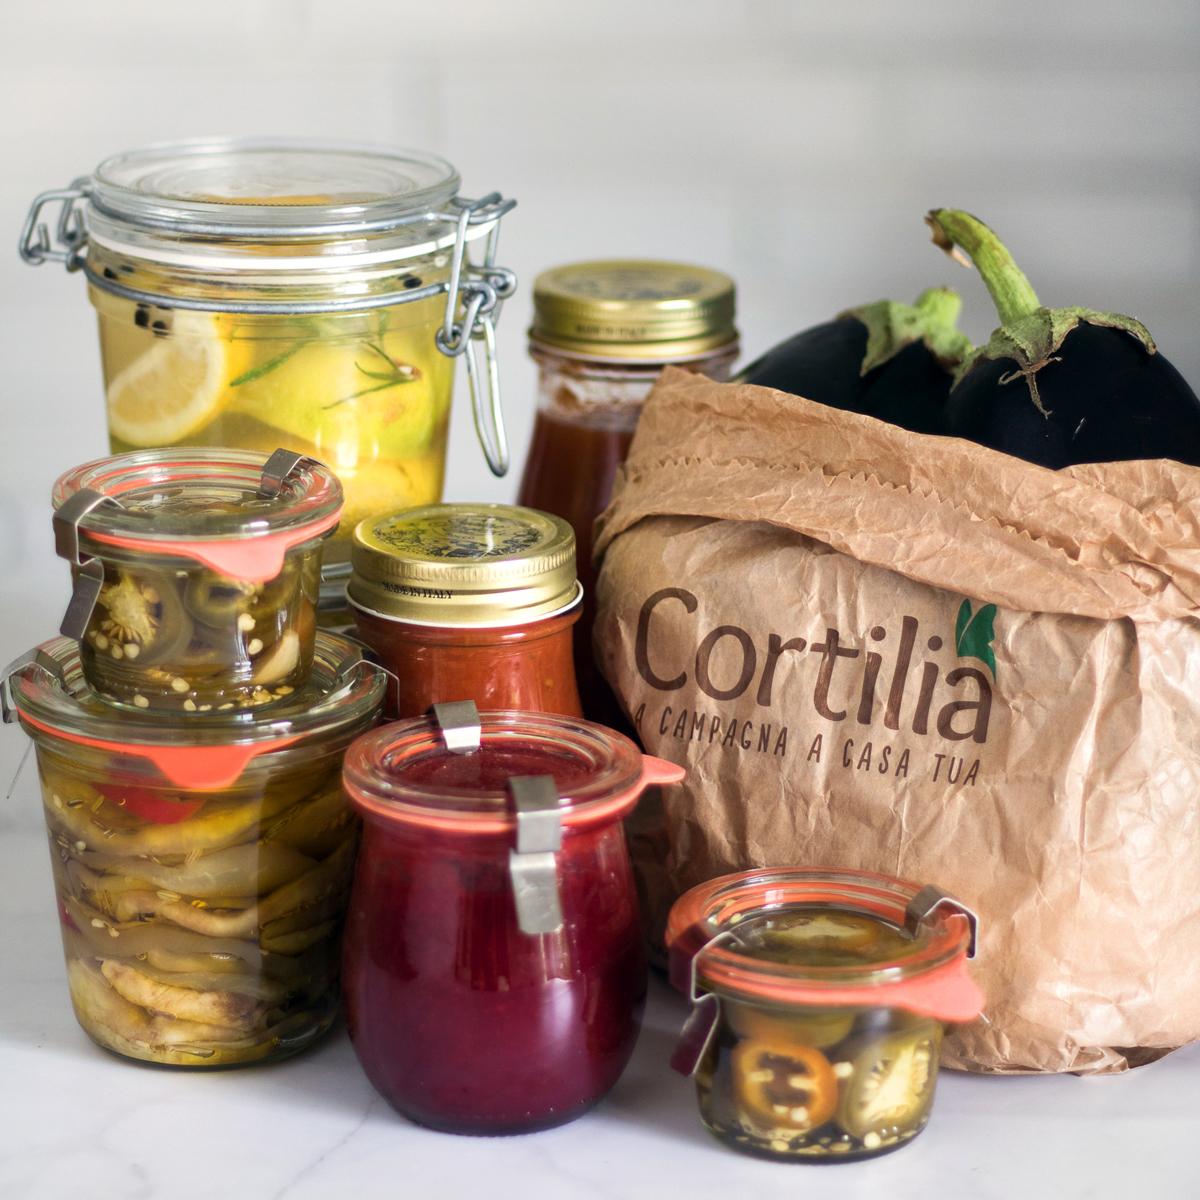 Come Sterilizzare Vasetti Per Conserve come sterilizzare i barattoli per le conserve fatte in casa